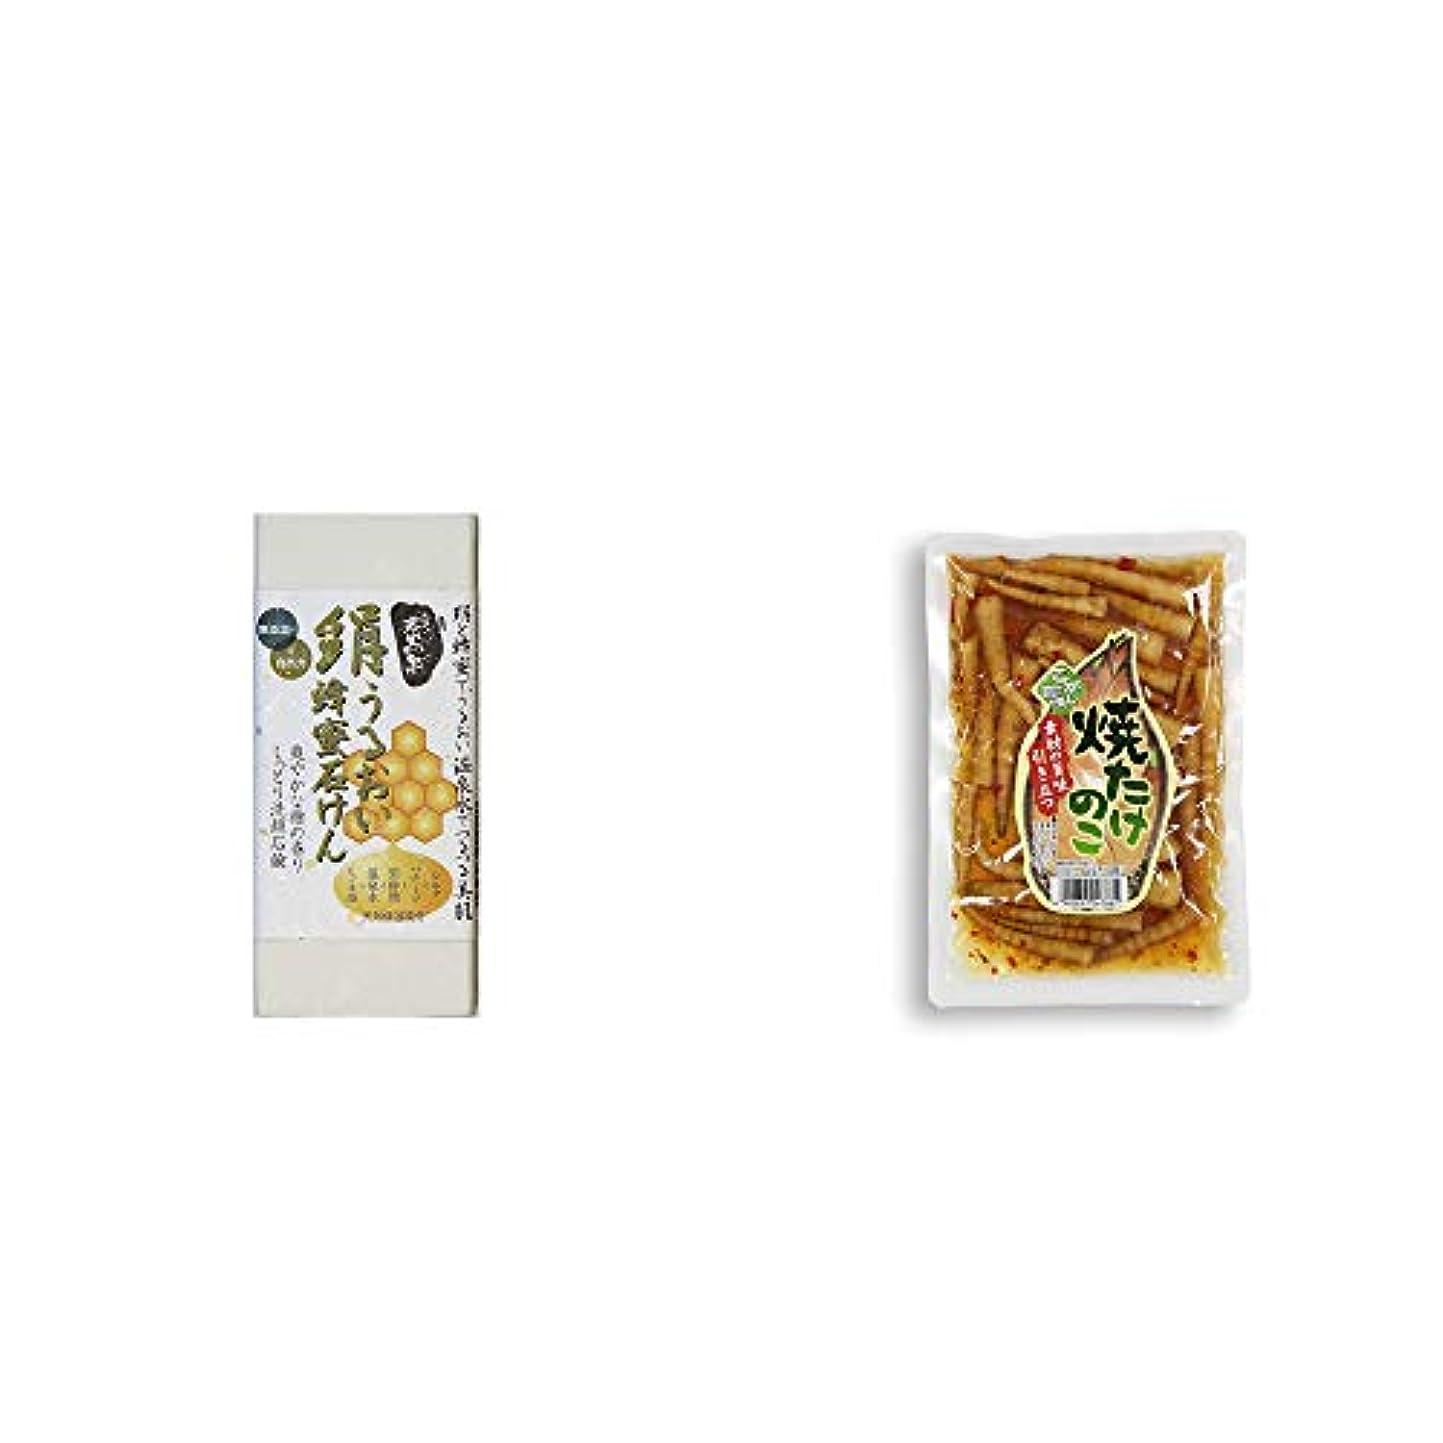 睡眠発音する食料品店[2点セット] ひのき炭黒泉 絹うるおい蜂蜜石けん(75g×2)?焼たけのこ(300g)